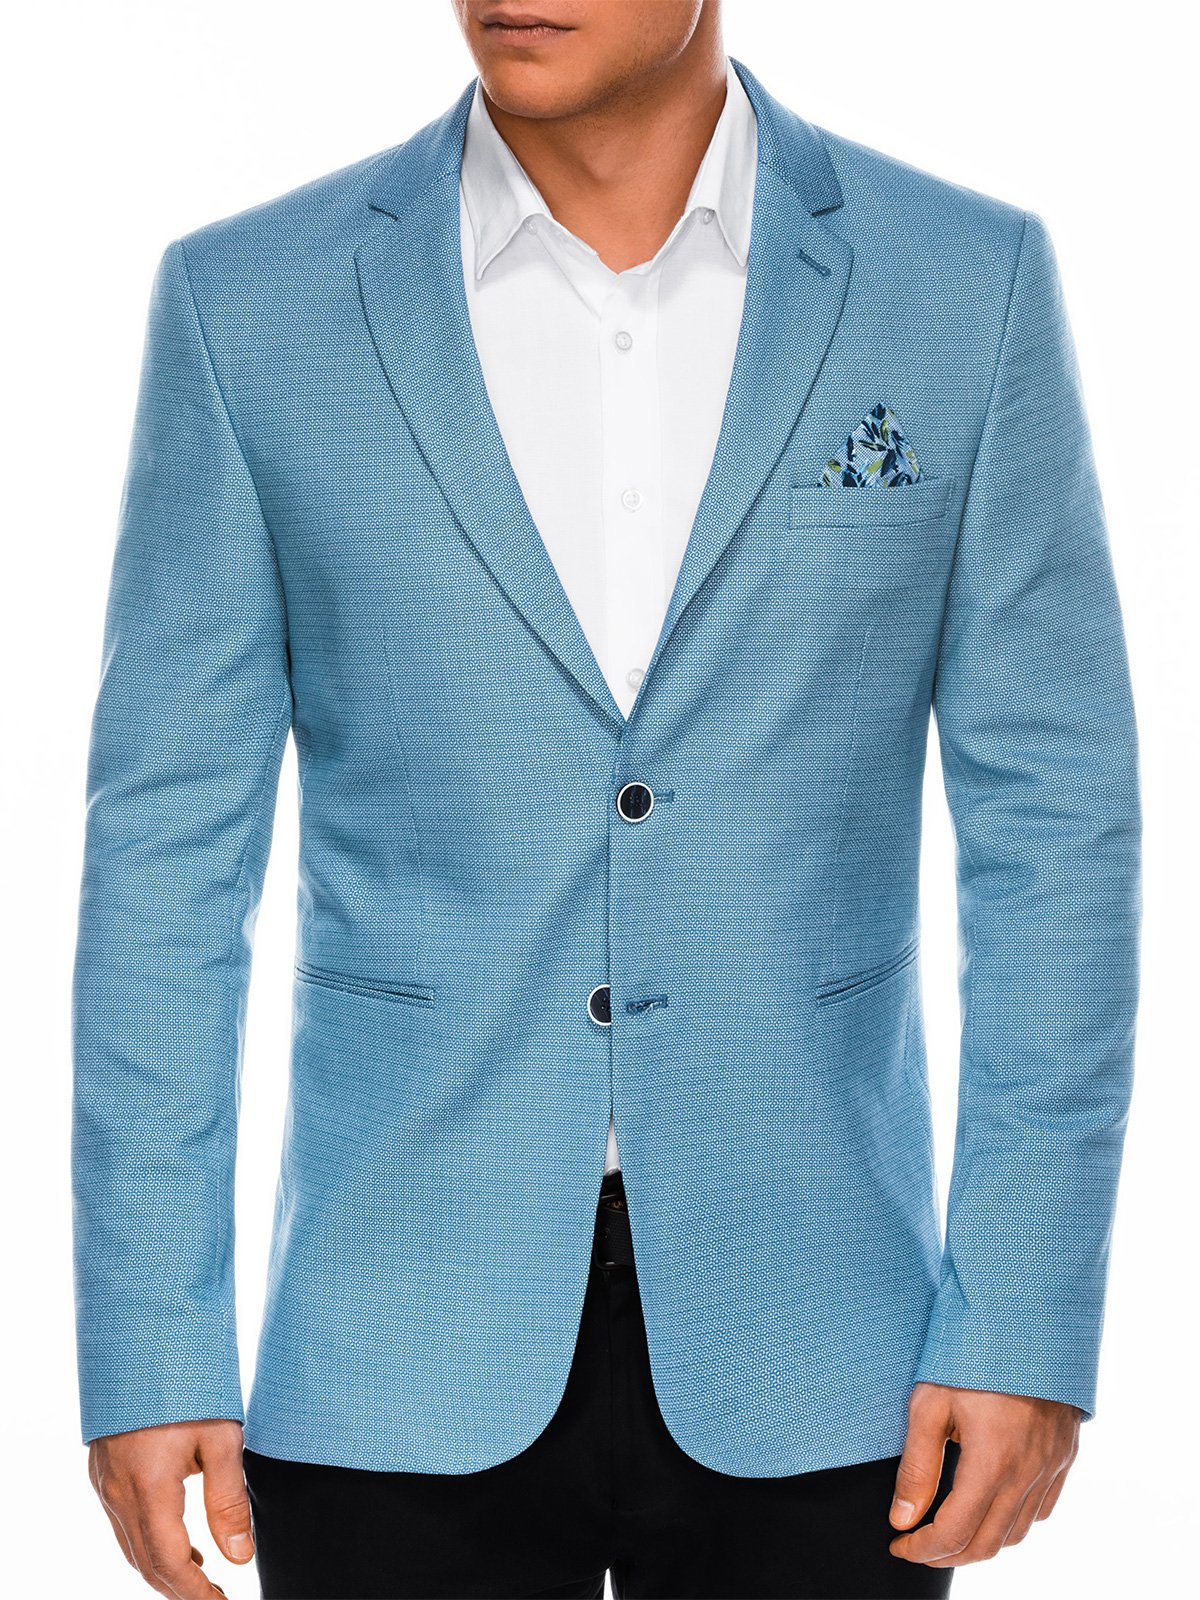 Купить со скидкой Піджак чоловічий елегантний M102 - блакитний